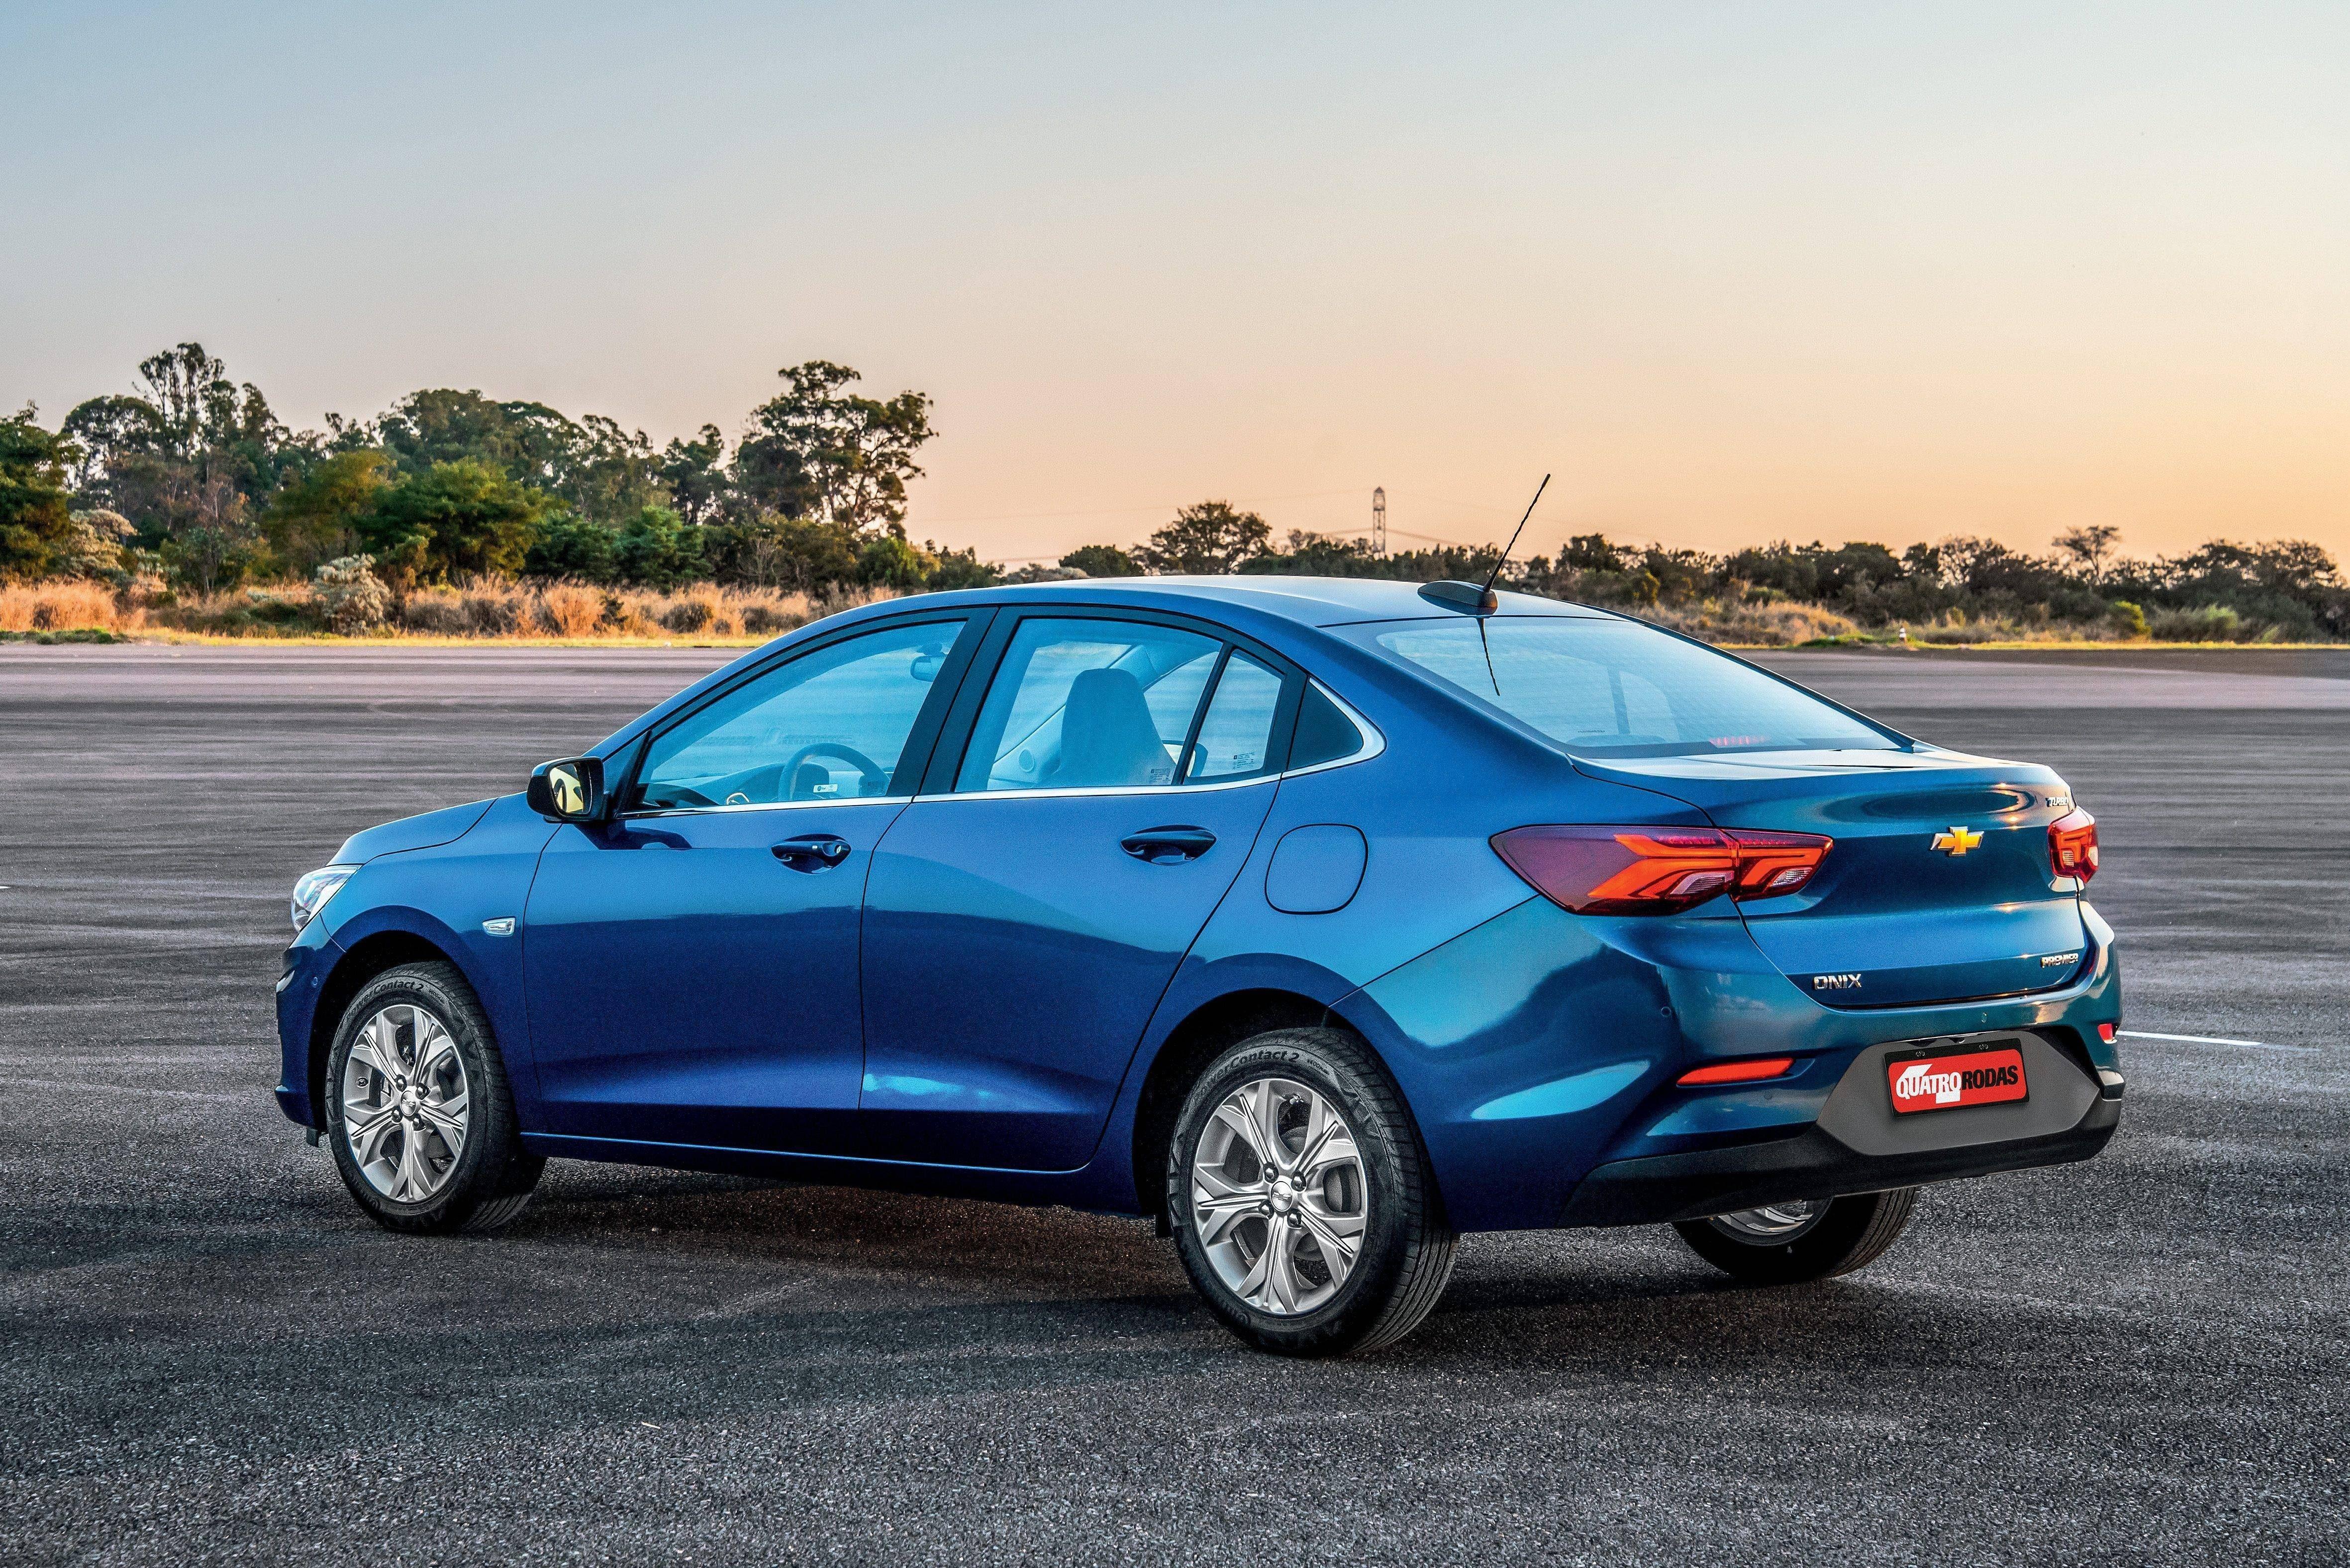 Para Cada Tres Chevrolet Onix Plus Ha Dois Prisma Joy Sendo Vendidos Quatro Rodas